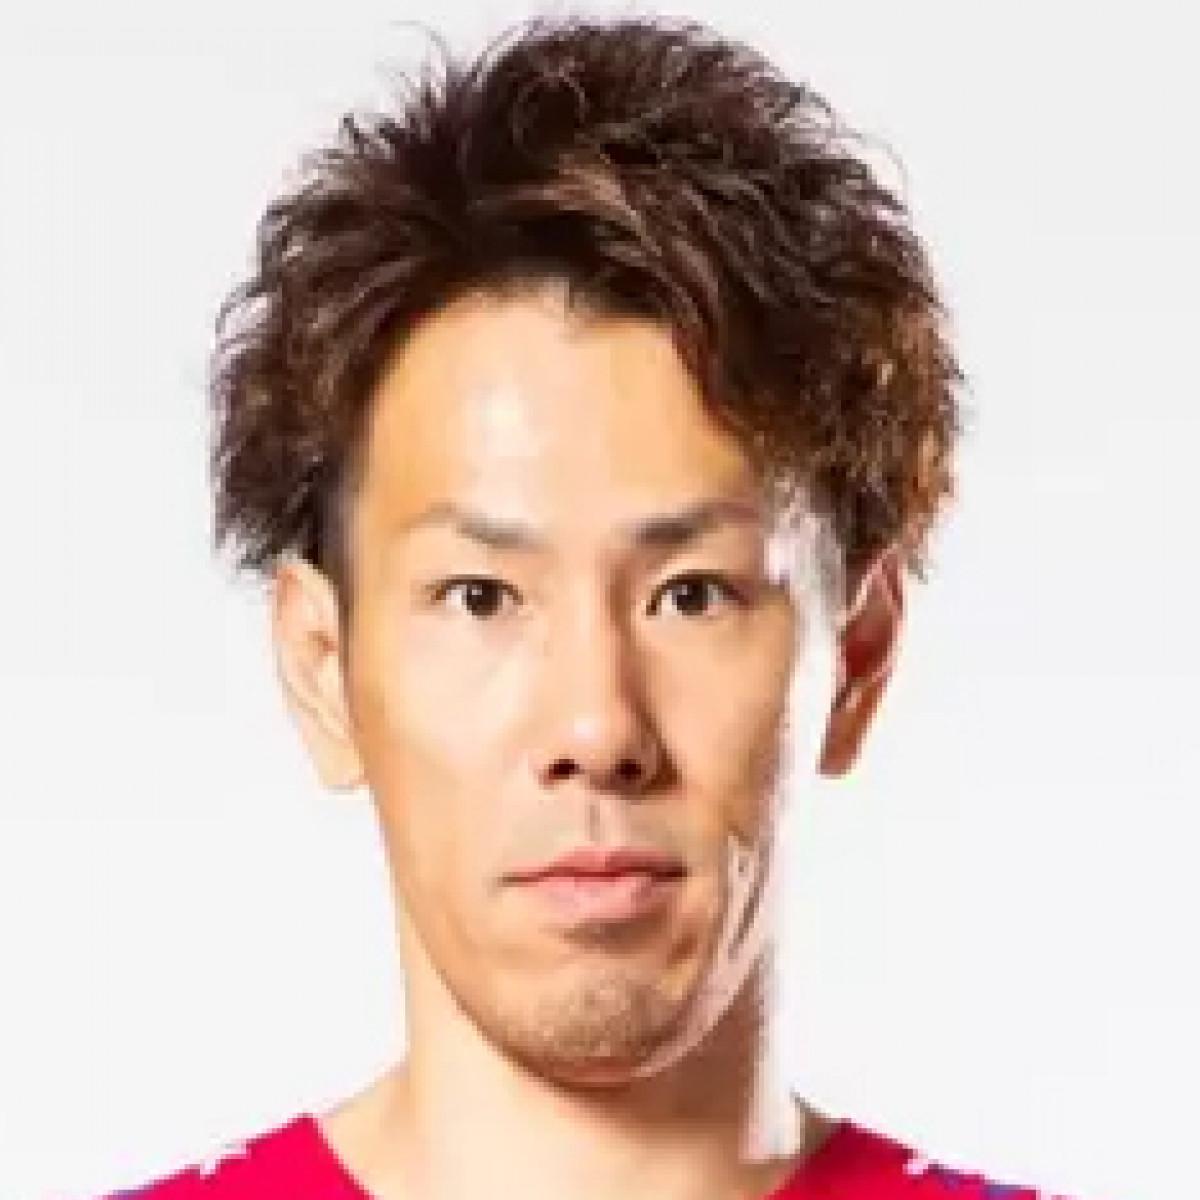 Daiki Terashita